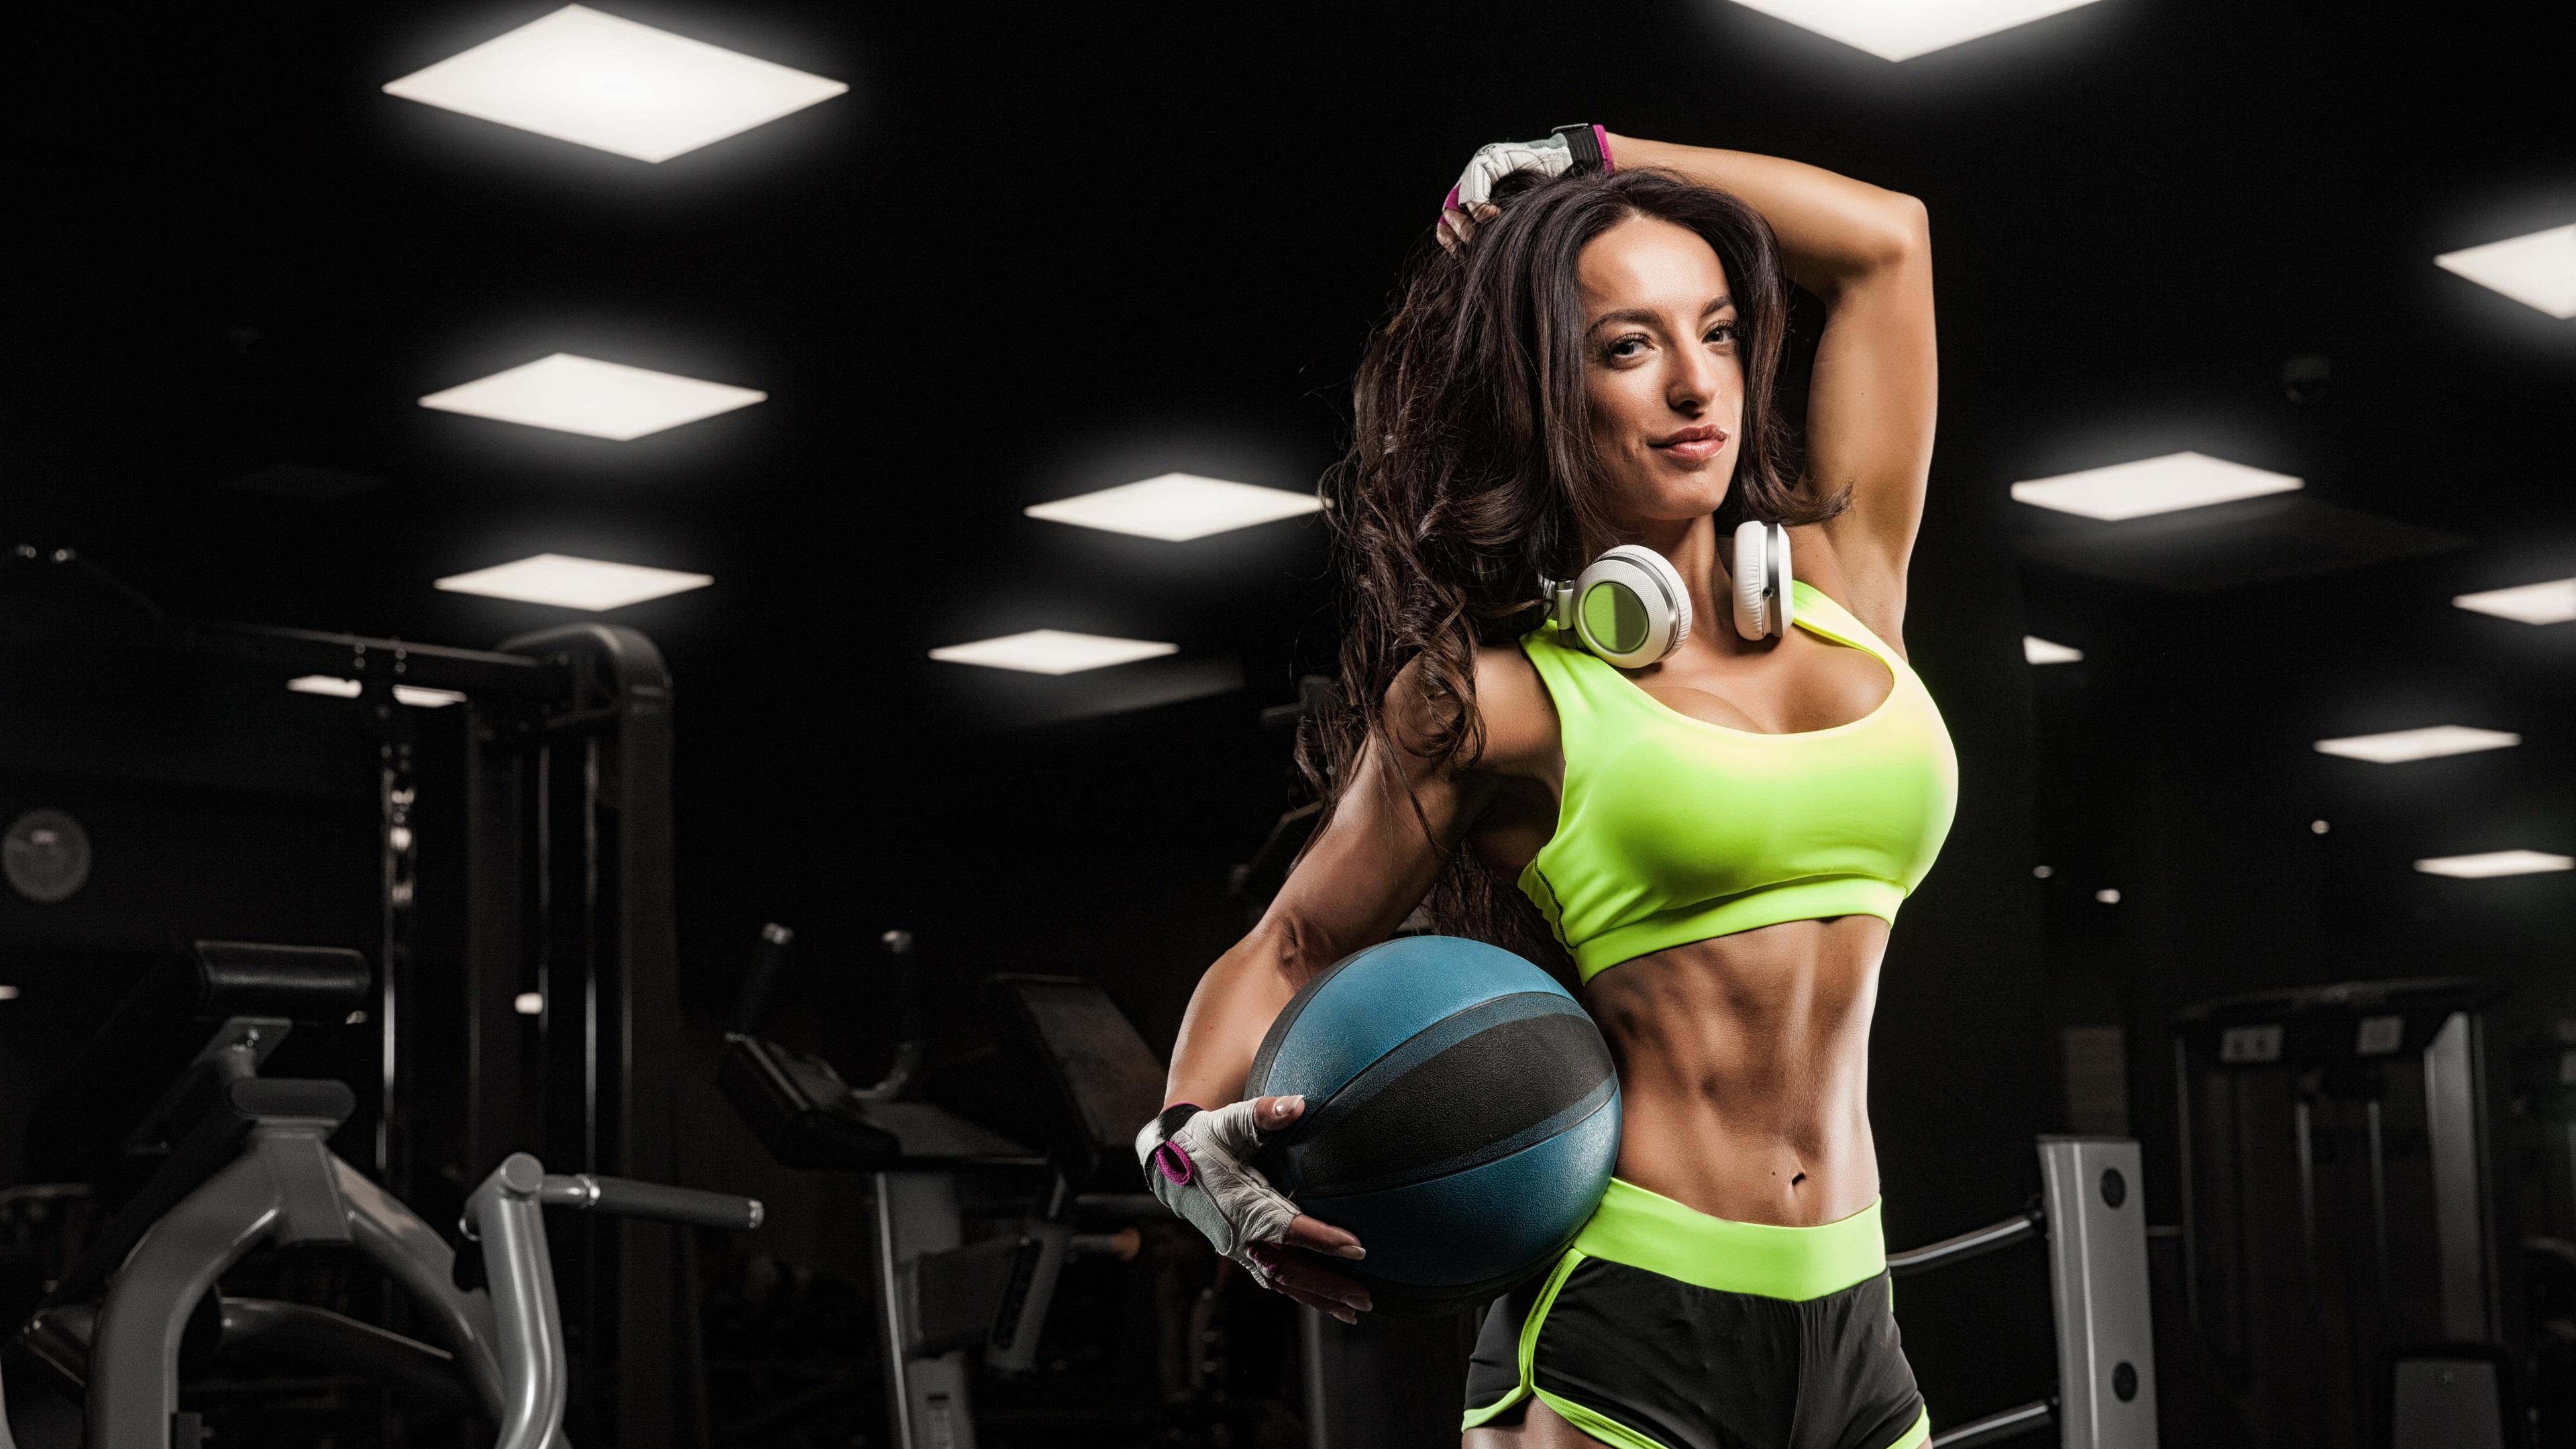 Wallpaper Fitness female, girl, ball, headphones 3840x2160 UHD 4K